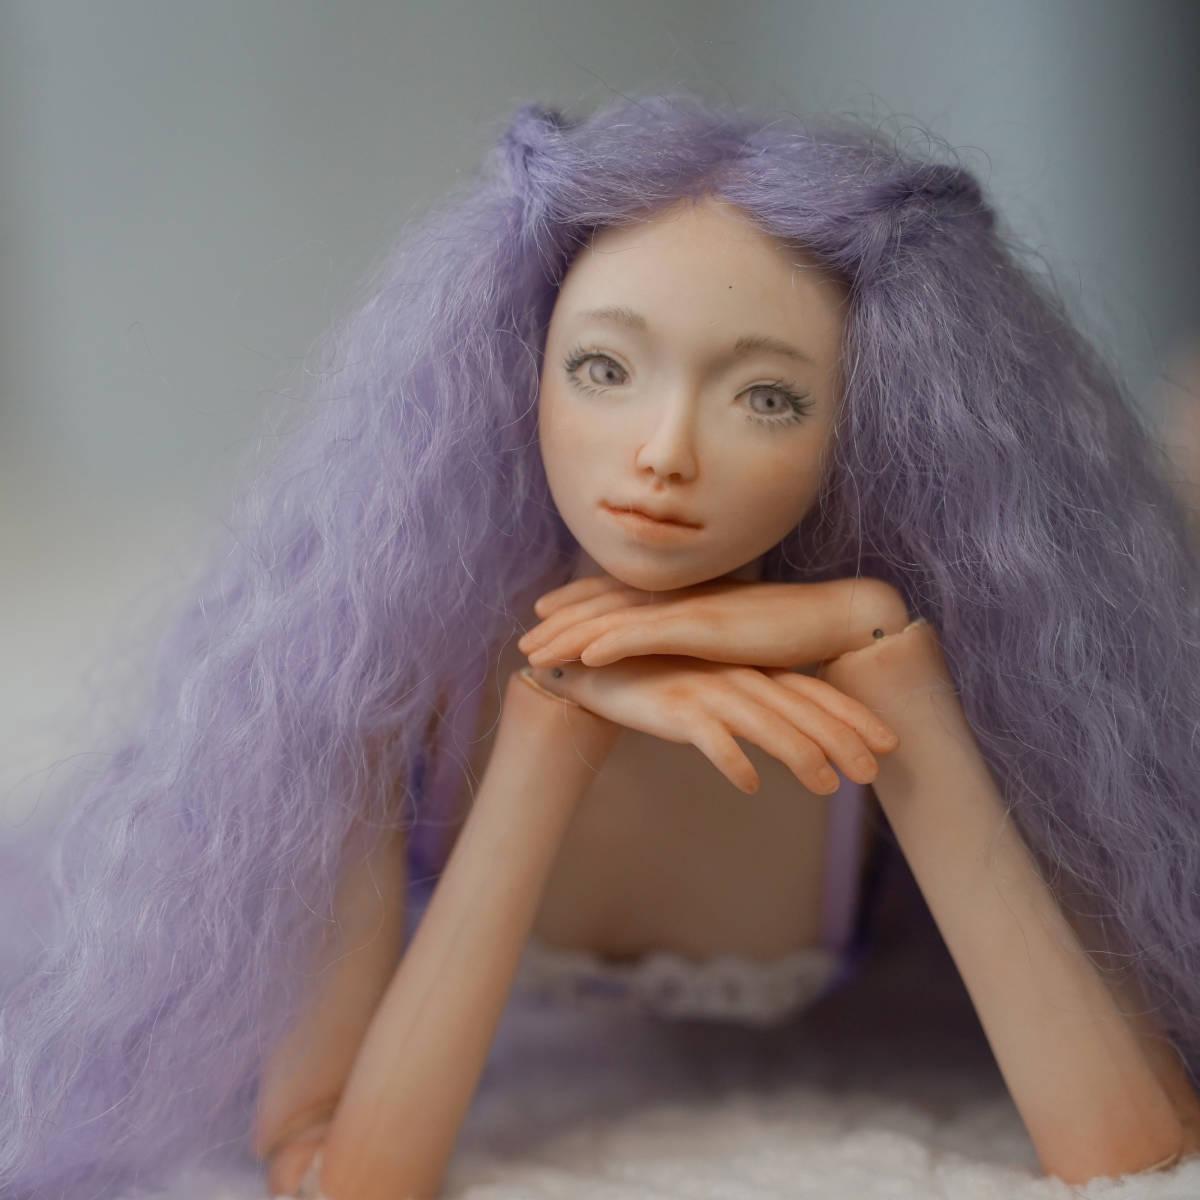 ビスクドール 球体関節人形 創作人形 Chico Doll by Chiemi Takeda